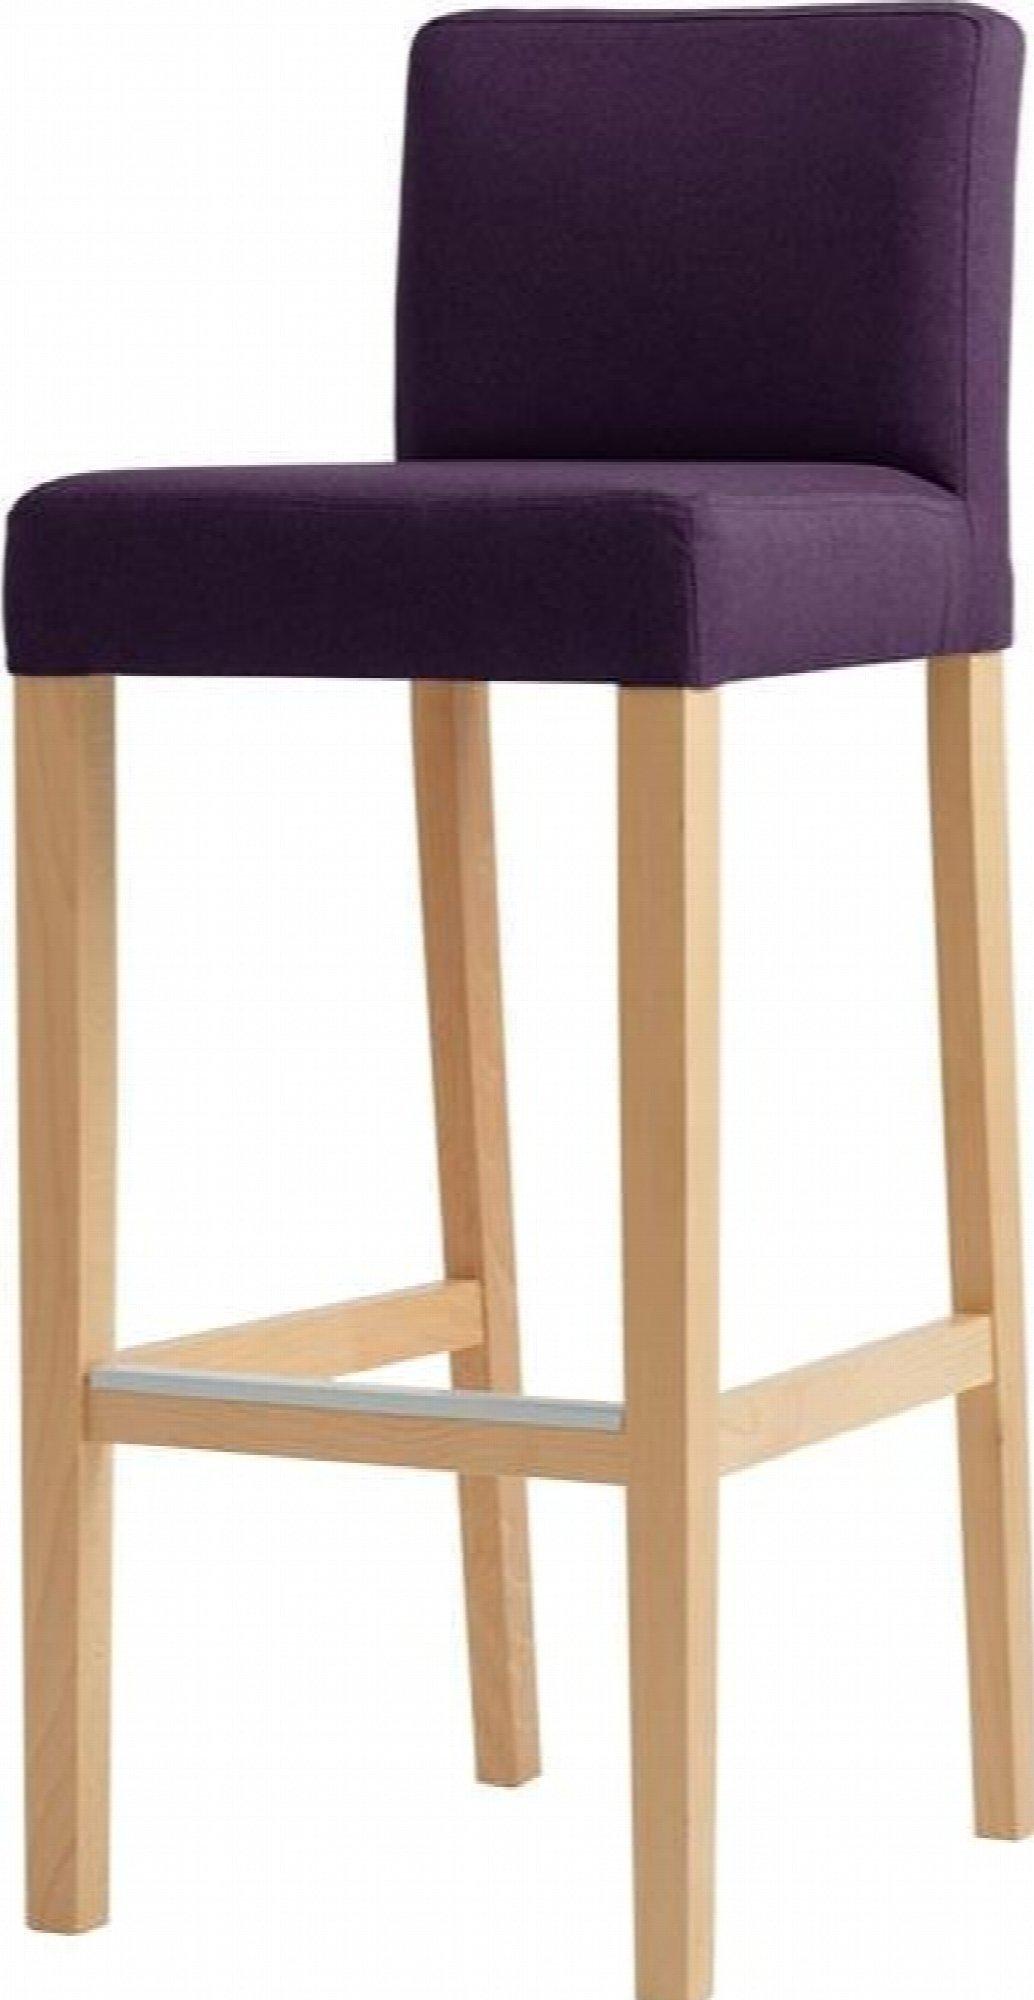 maison du monde Chaise de bar tissu rembourrée violet pieds bois massif clair